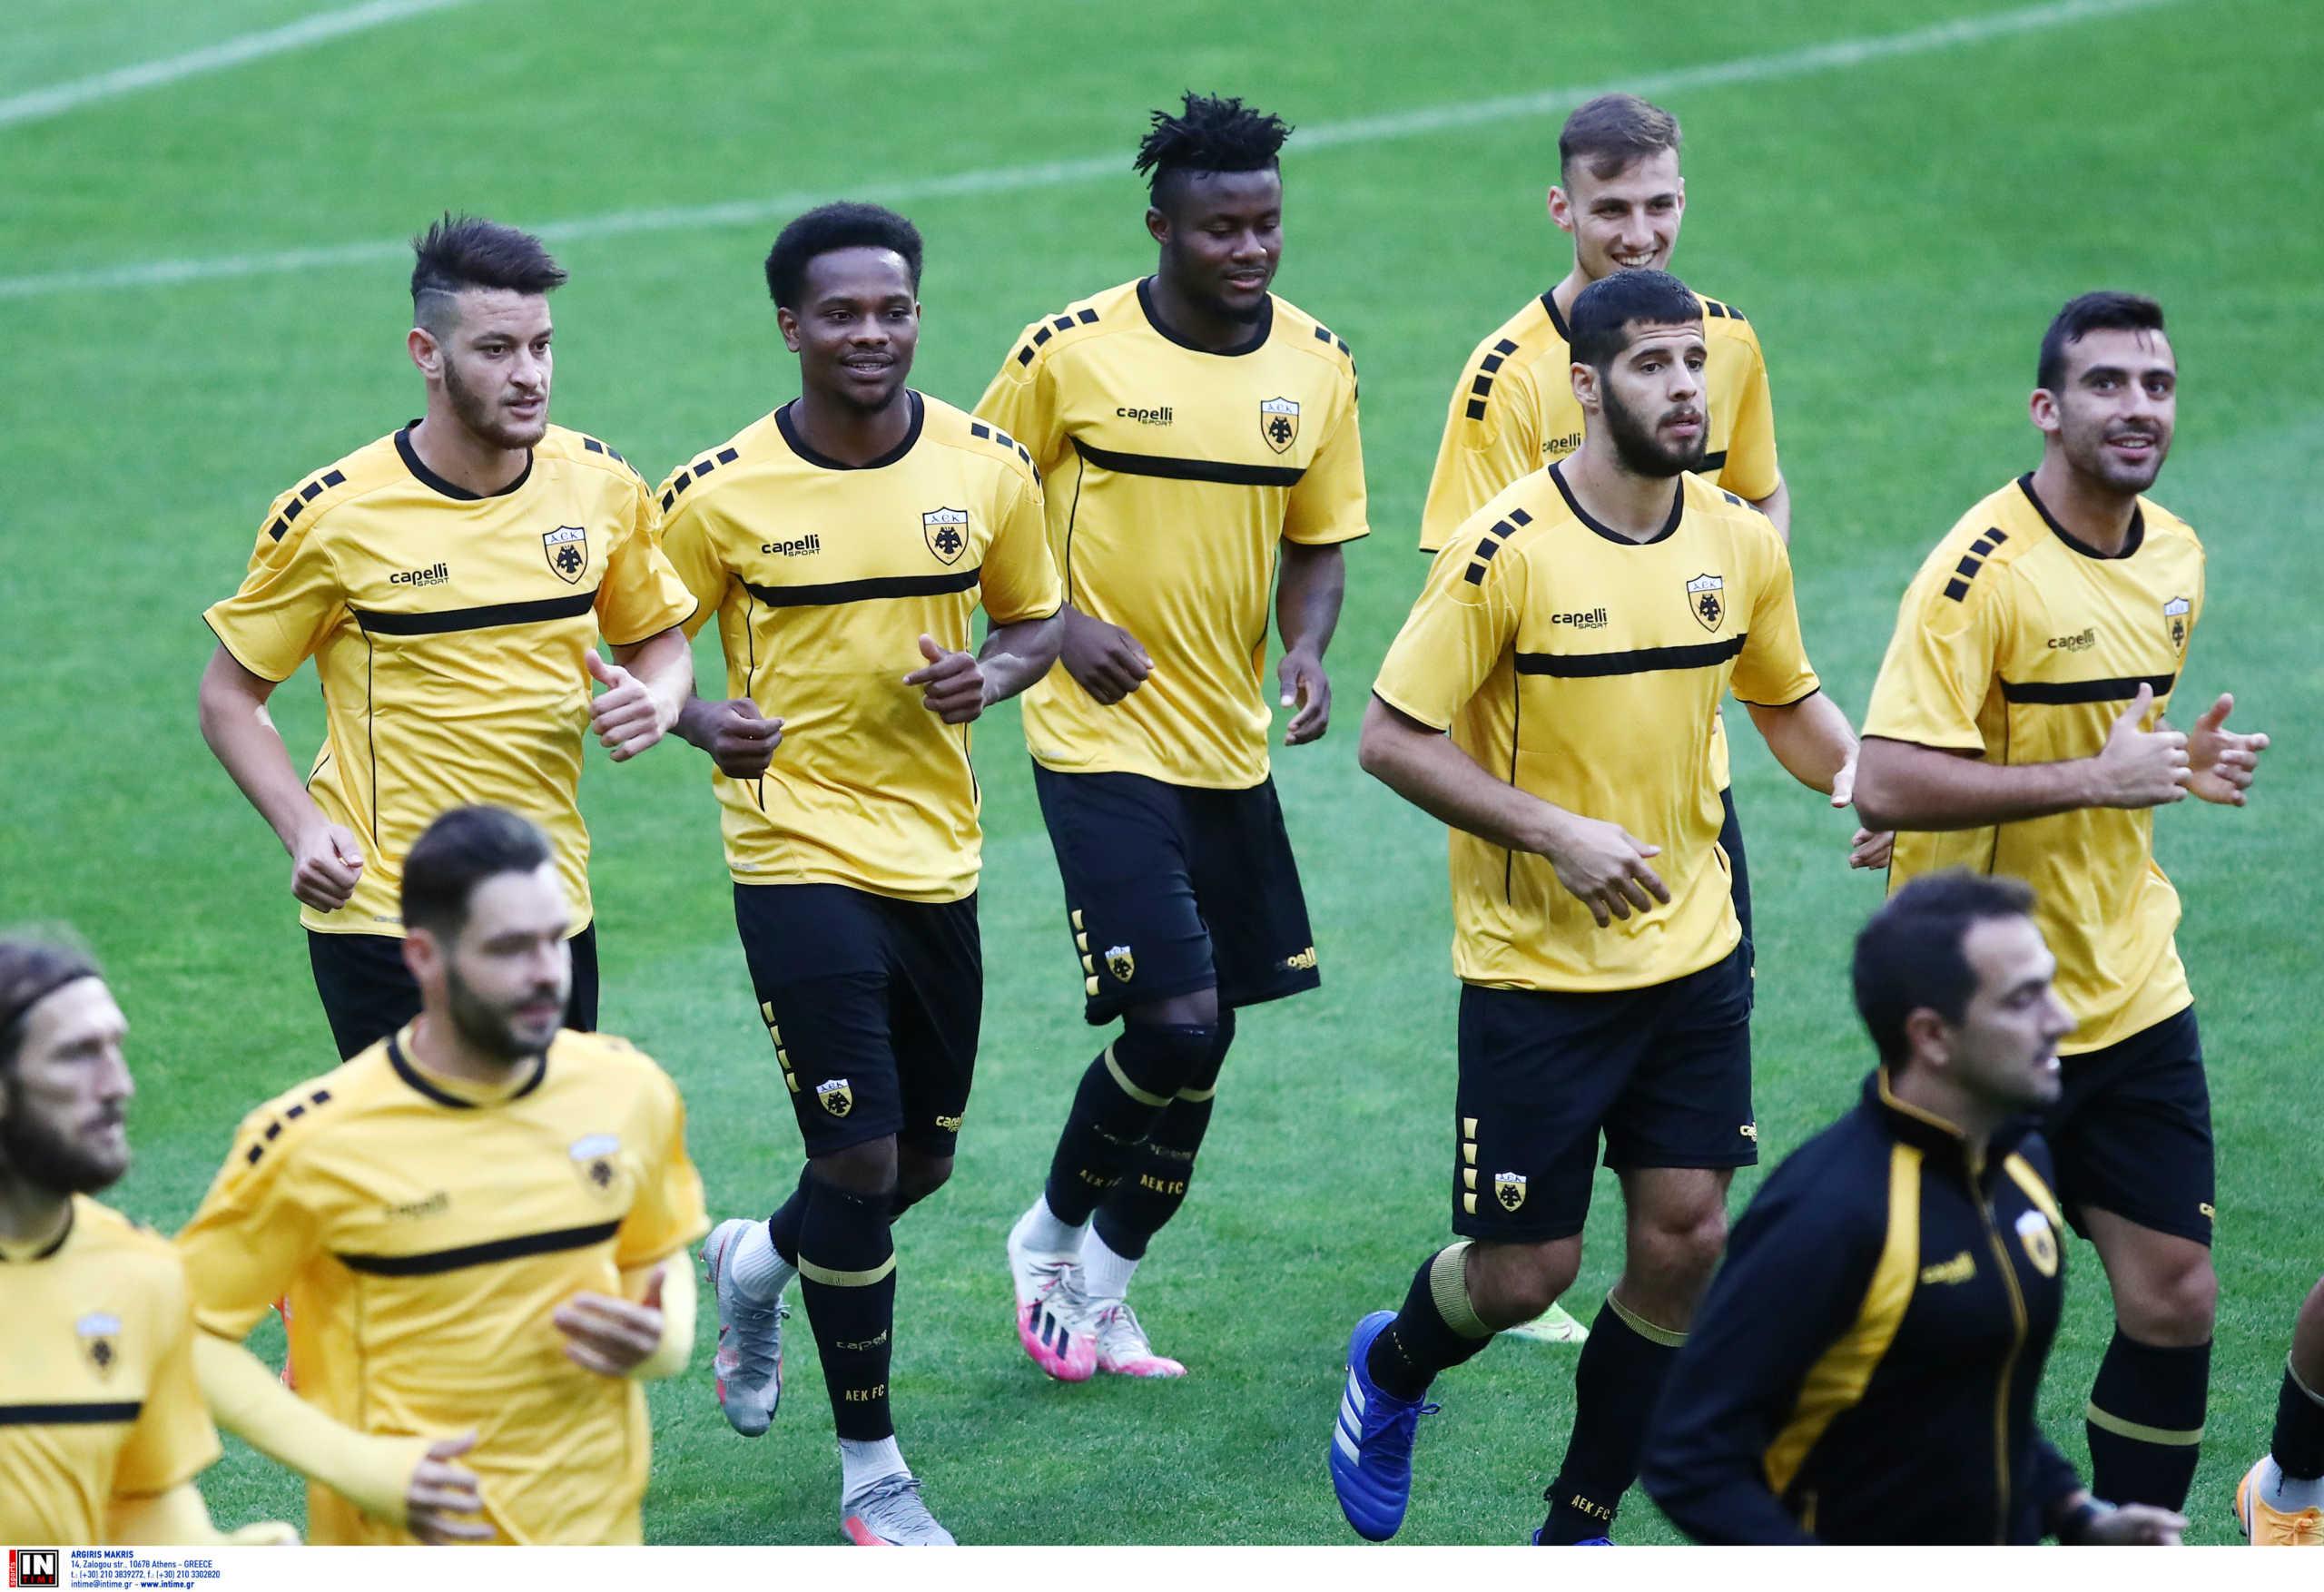 Αθλητικές μεταδόσεις με Σεντ Γκάλεν – ΑΕΚ και τελικούς Super Cup (24/09)